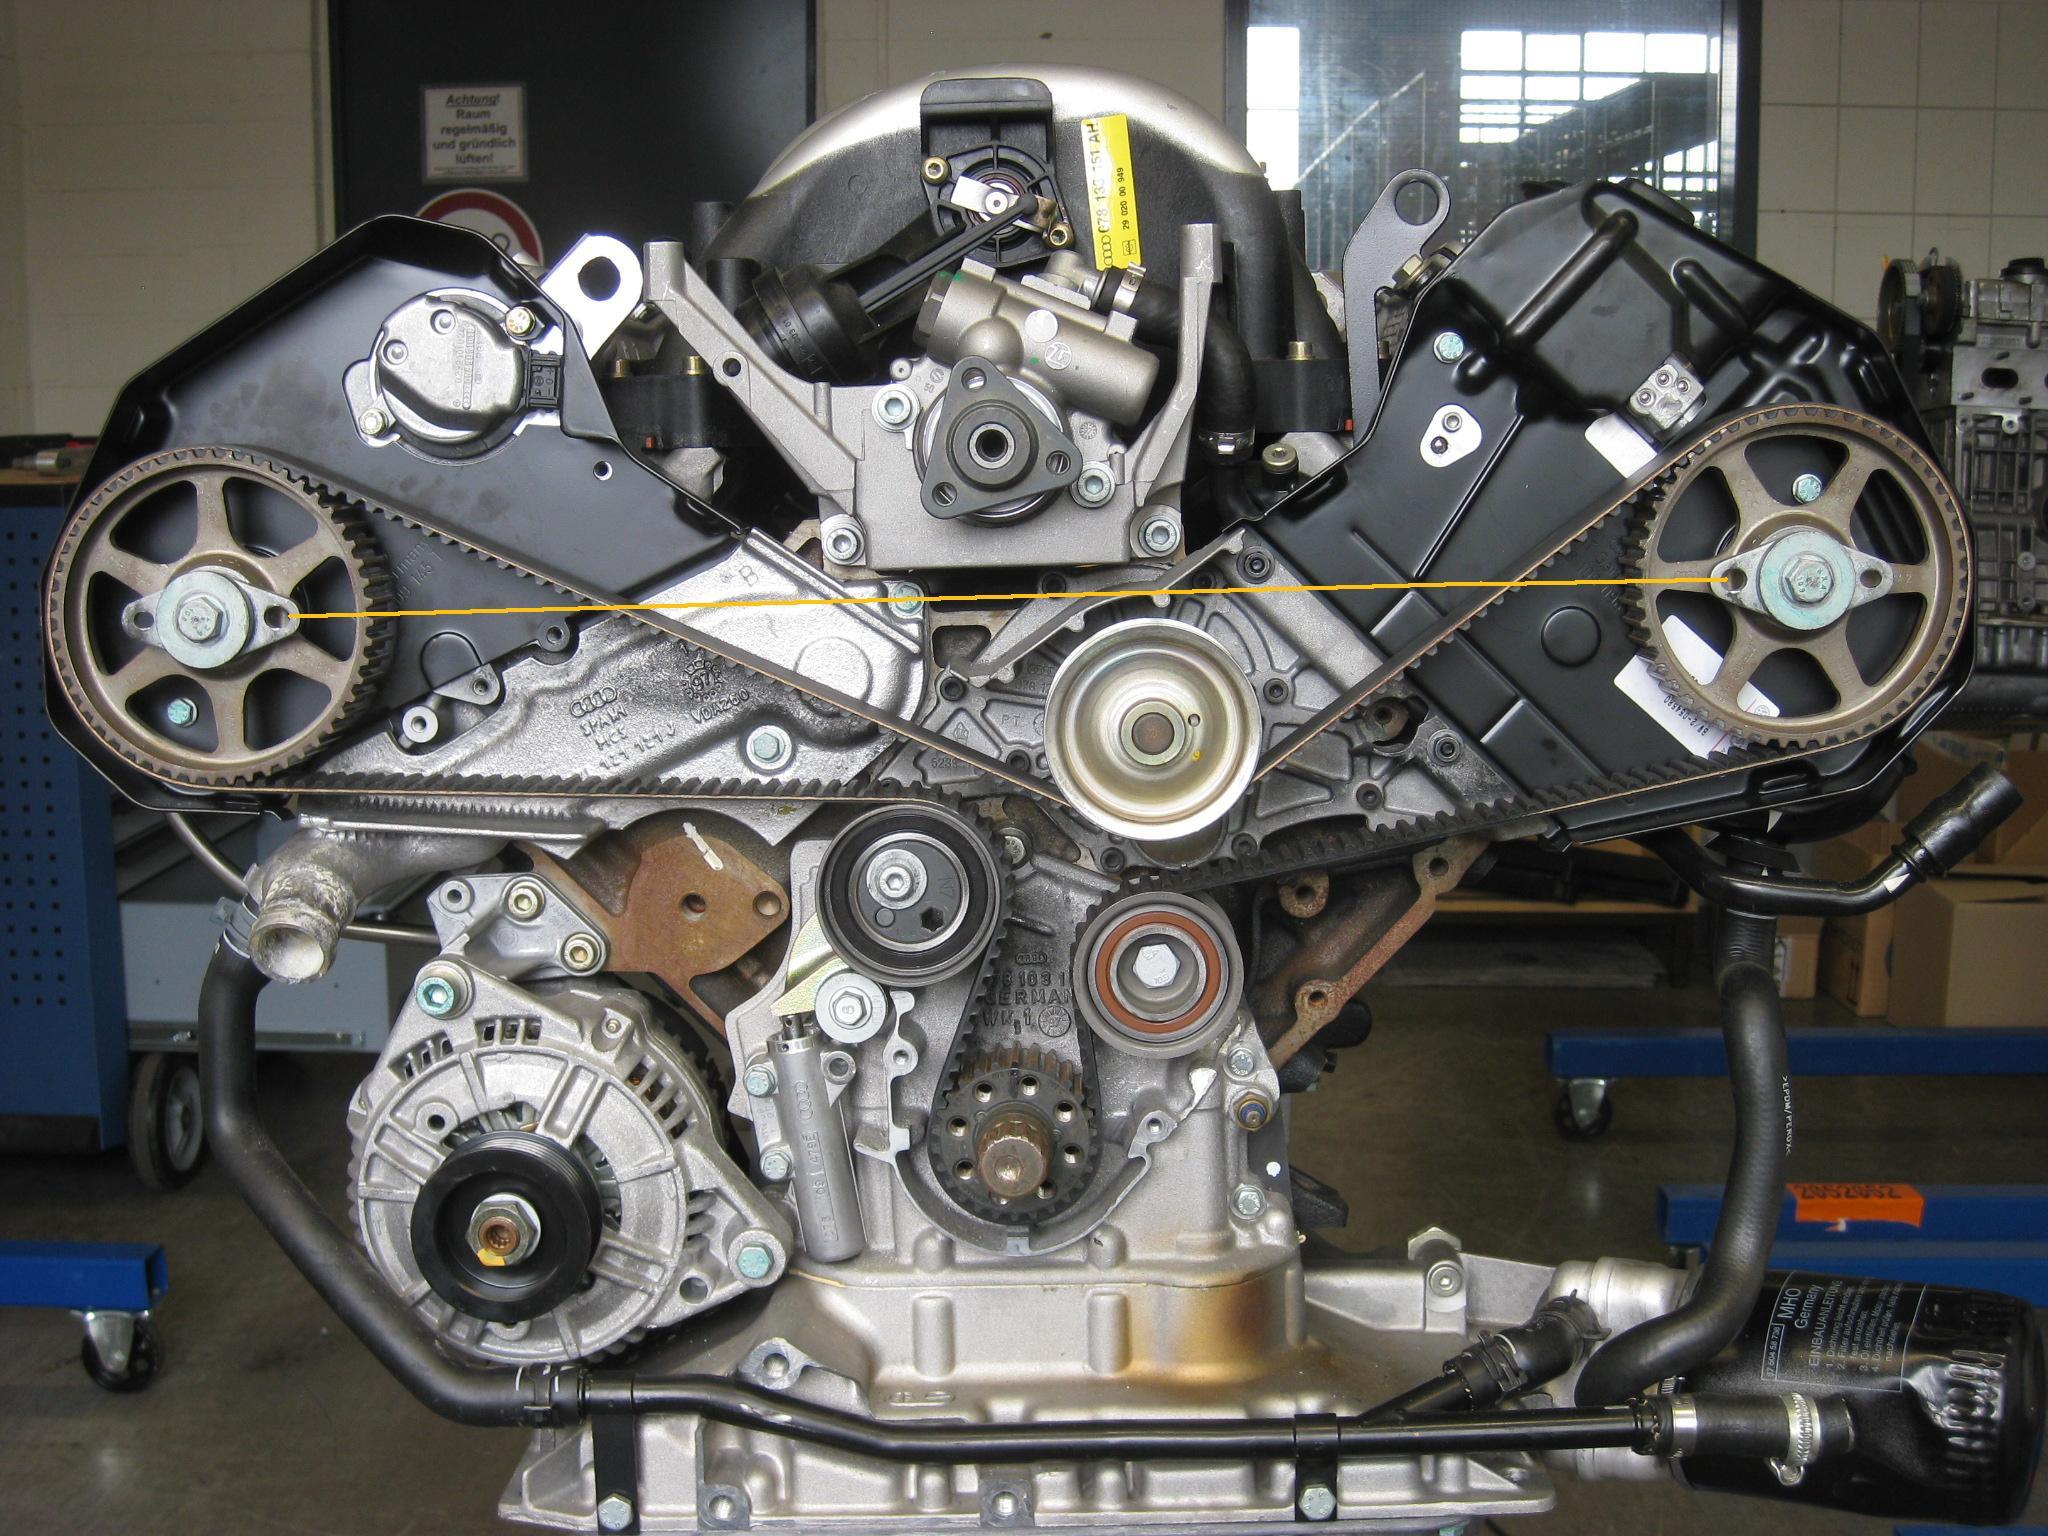 Subaru Impreza Cambelt Kit96 Legacy Check Engine 1990 To Present Diagram Pagrindinio Diro Keitimas